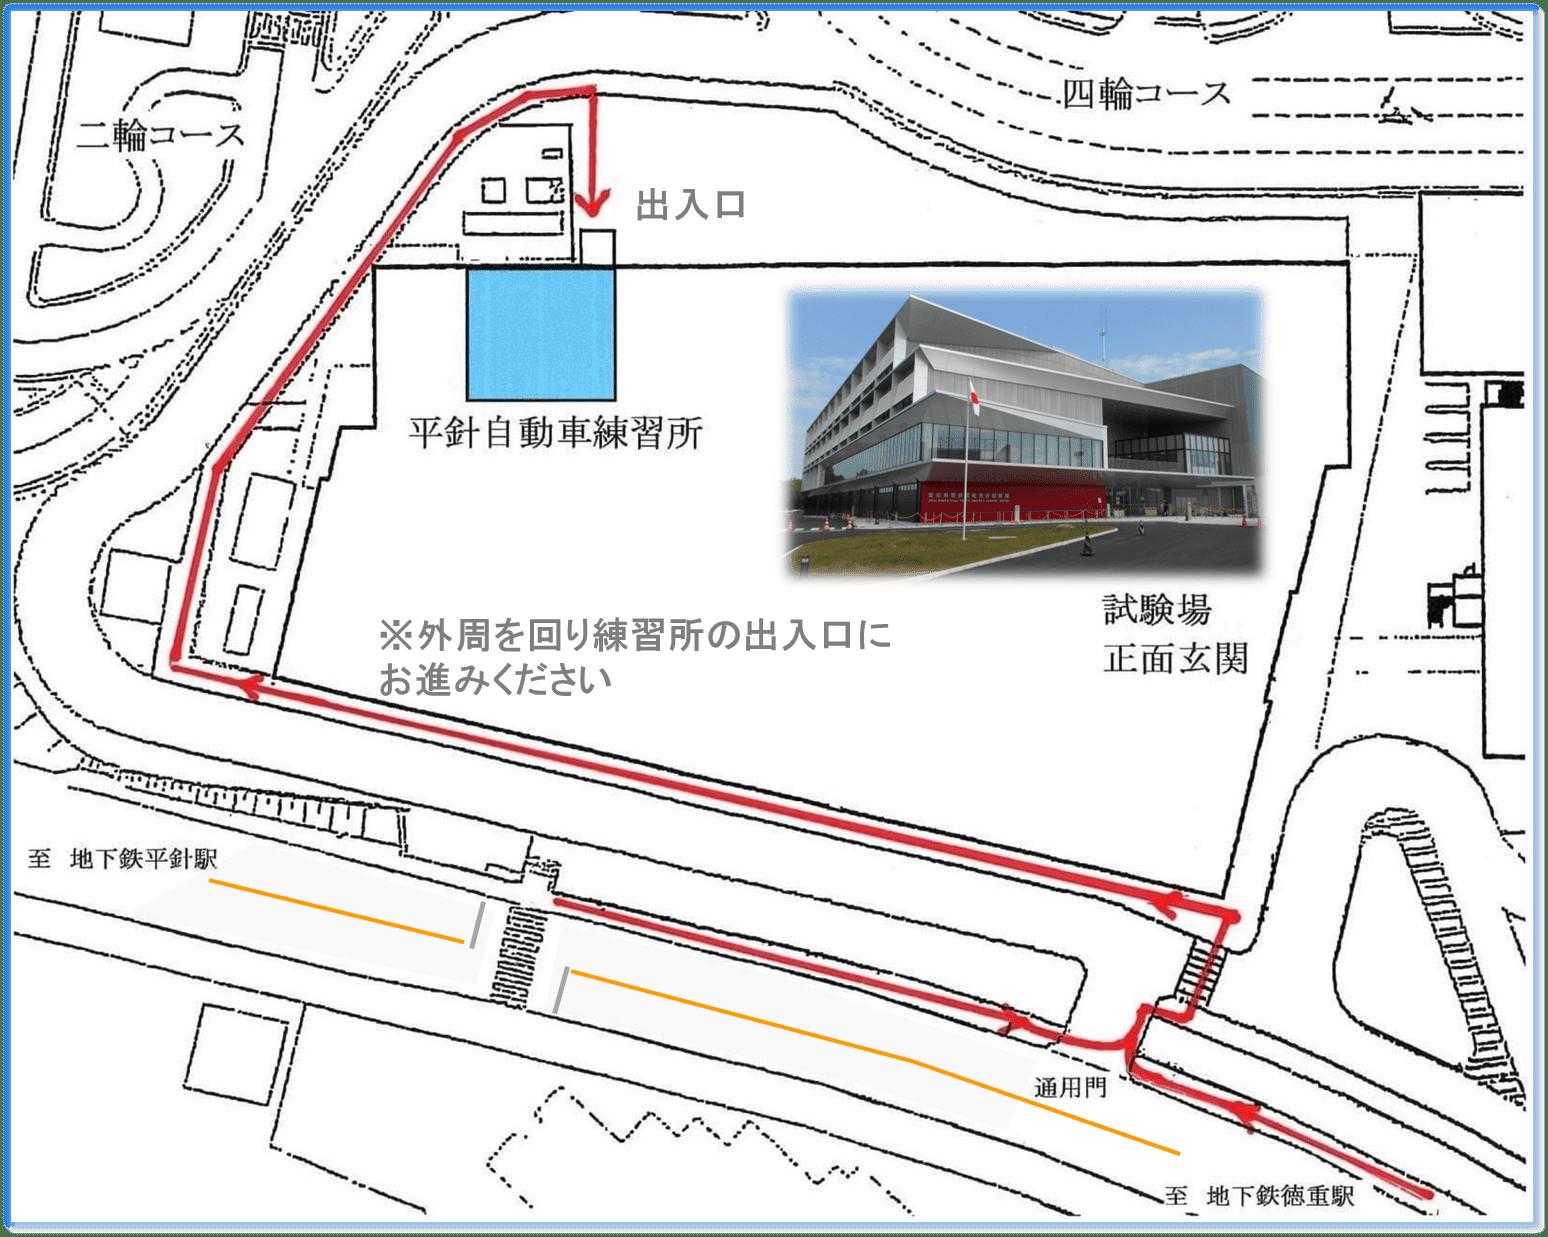 ホームページ 警察 愛知 県